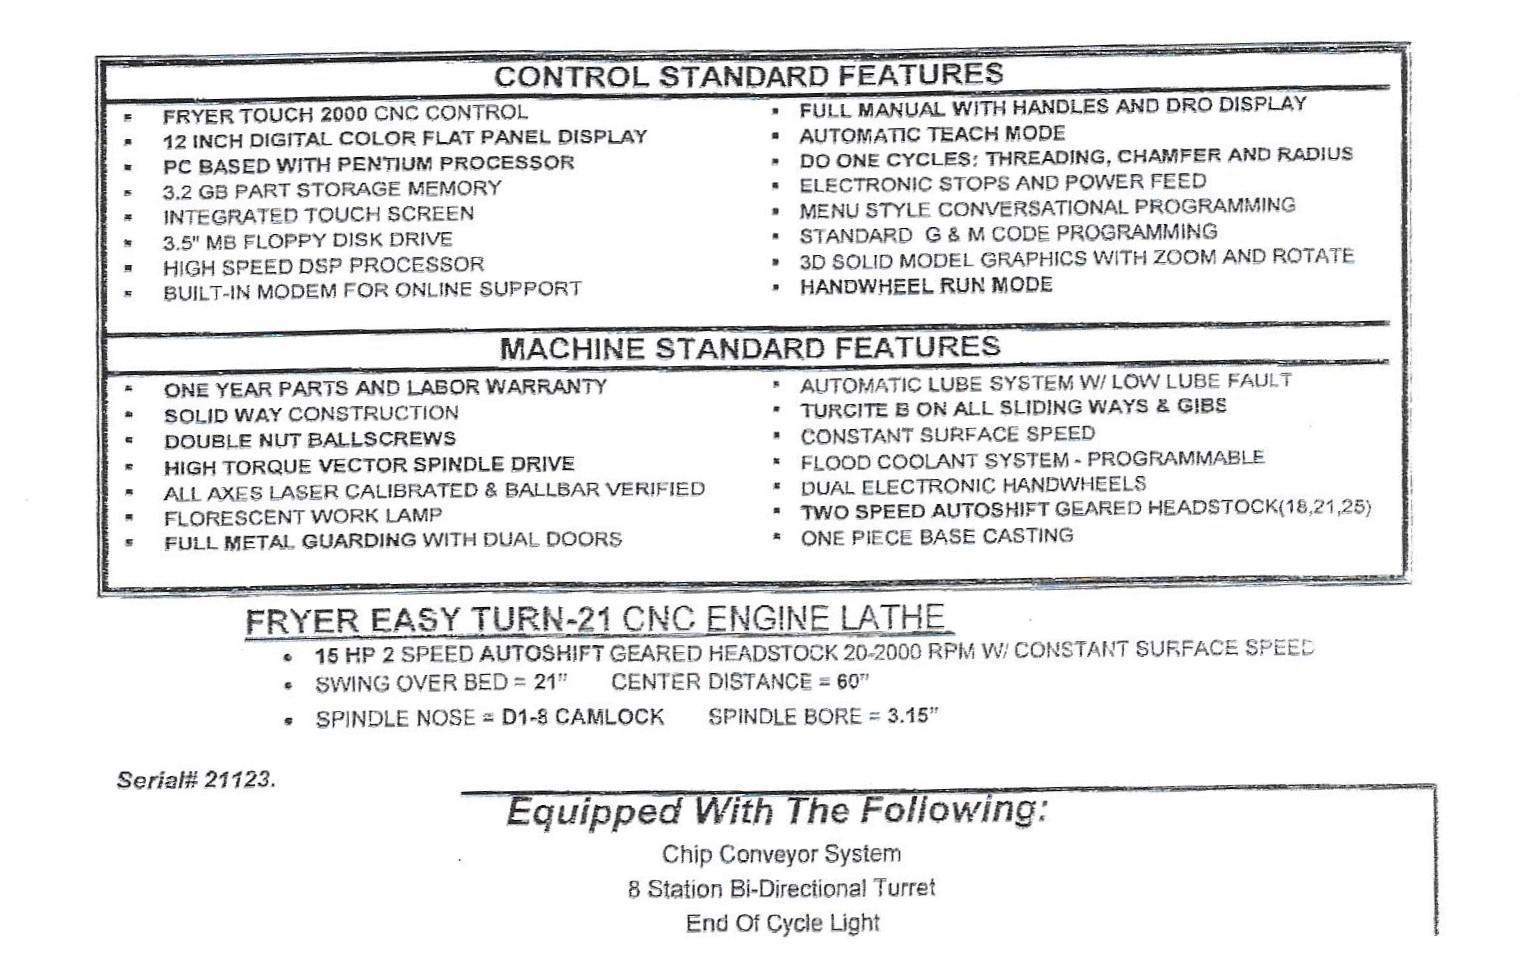 FRYER Easy Turn-21 CNC Engine Lathe, S/N 21123.